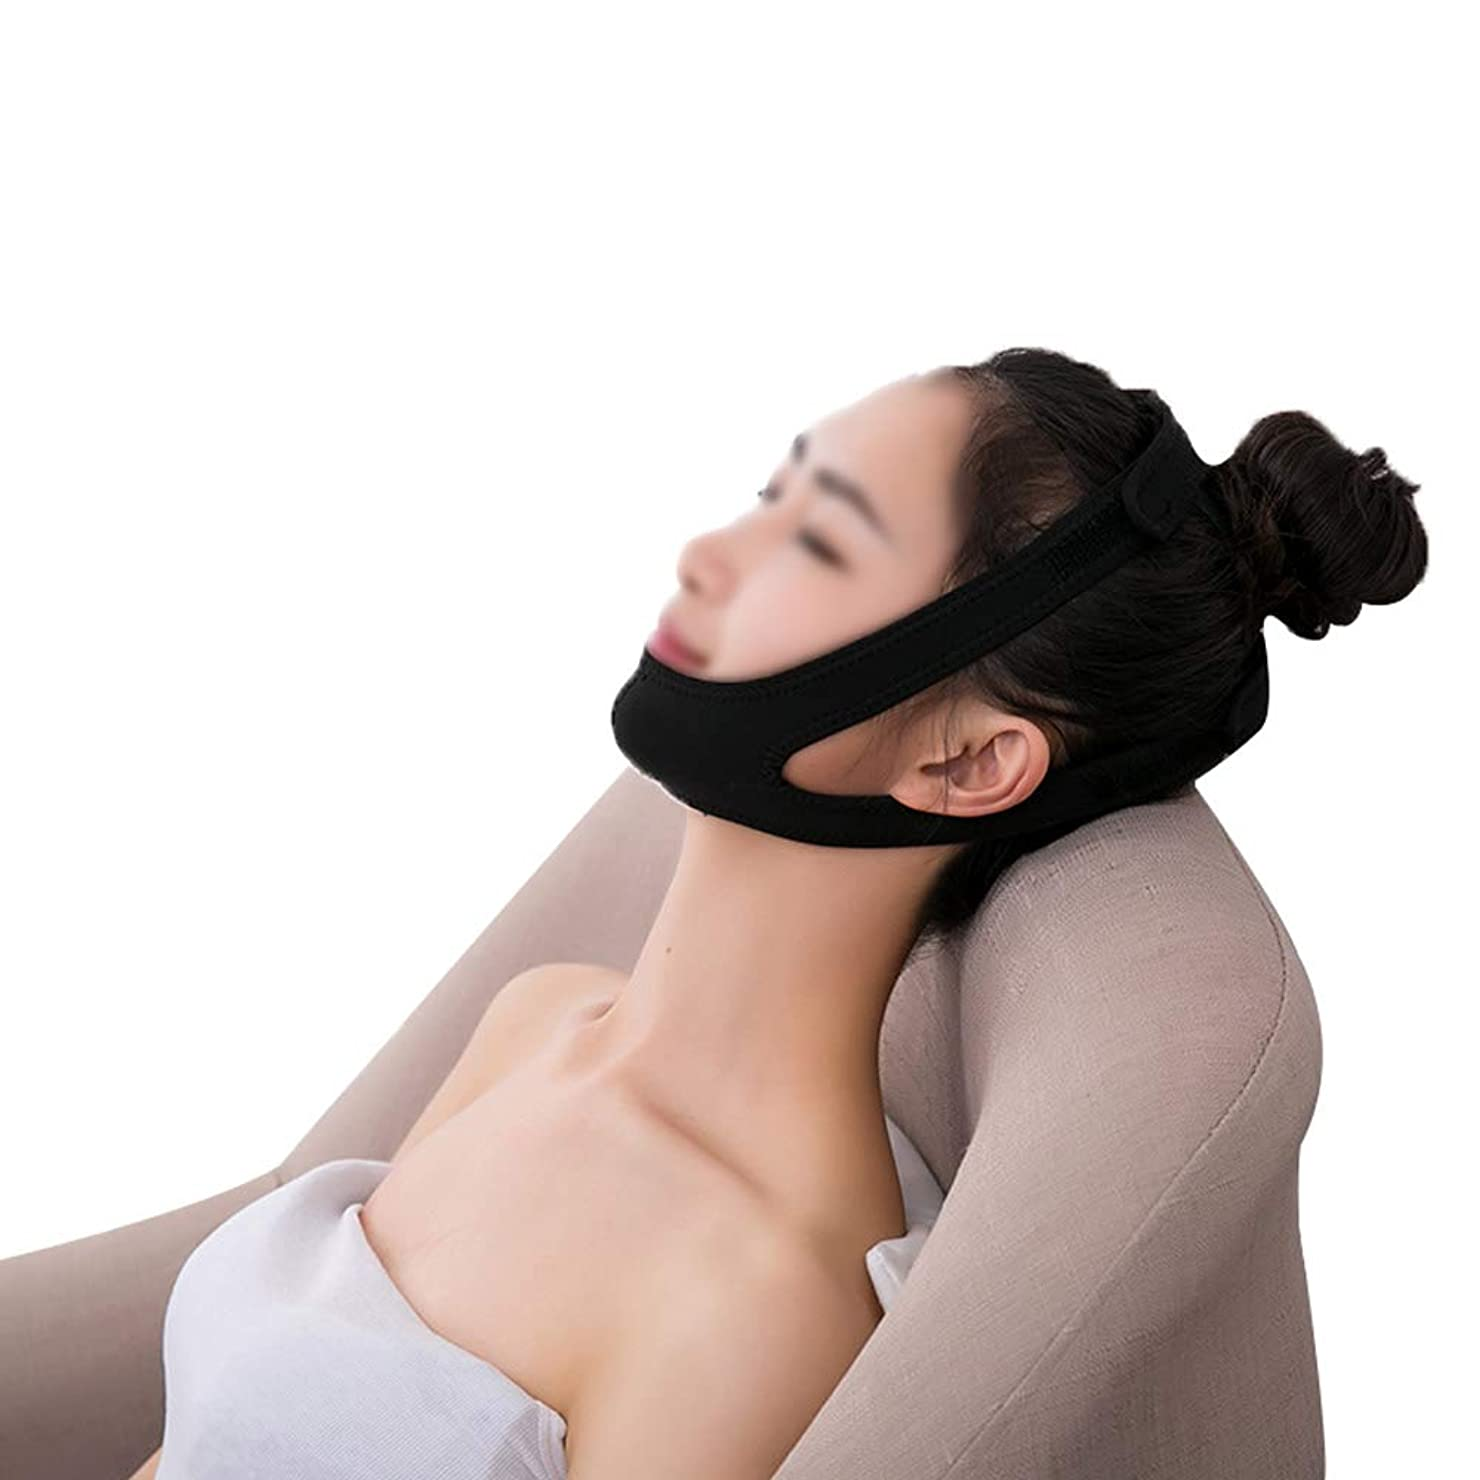 レンチバス裸GLJJQMY リフティングマスク家庭用包帯震えネット赤女性vフェイスステッカーショルダーストラップ表面アーティファクト後引き締めマスク 顔用整形マスク